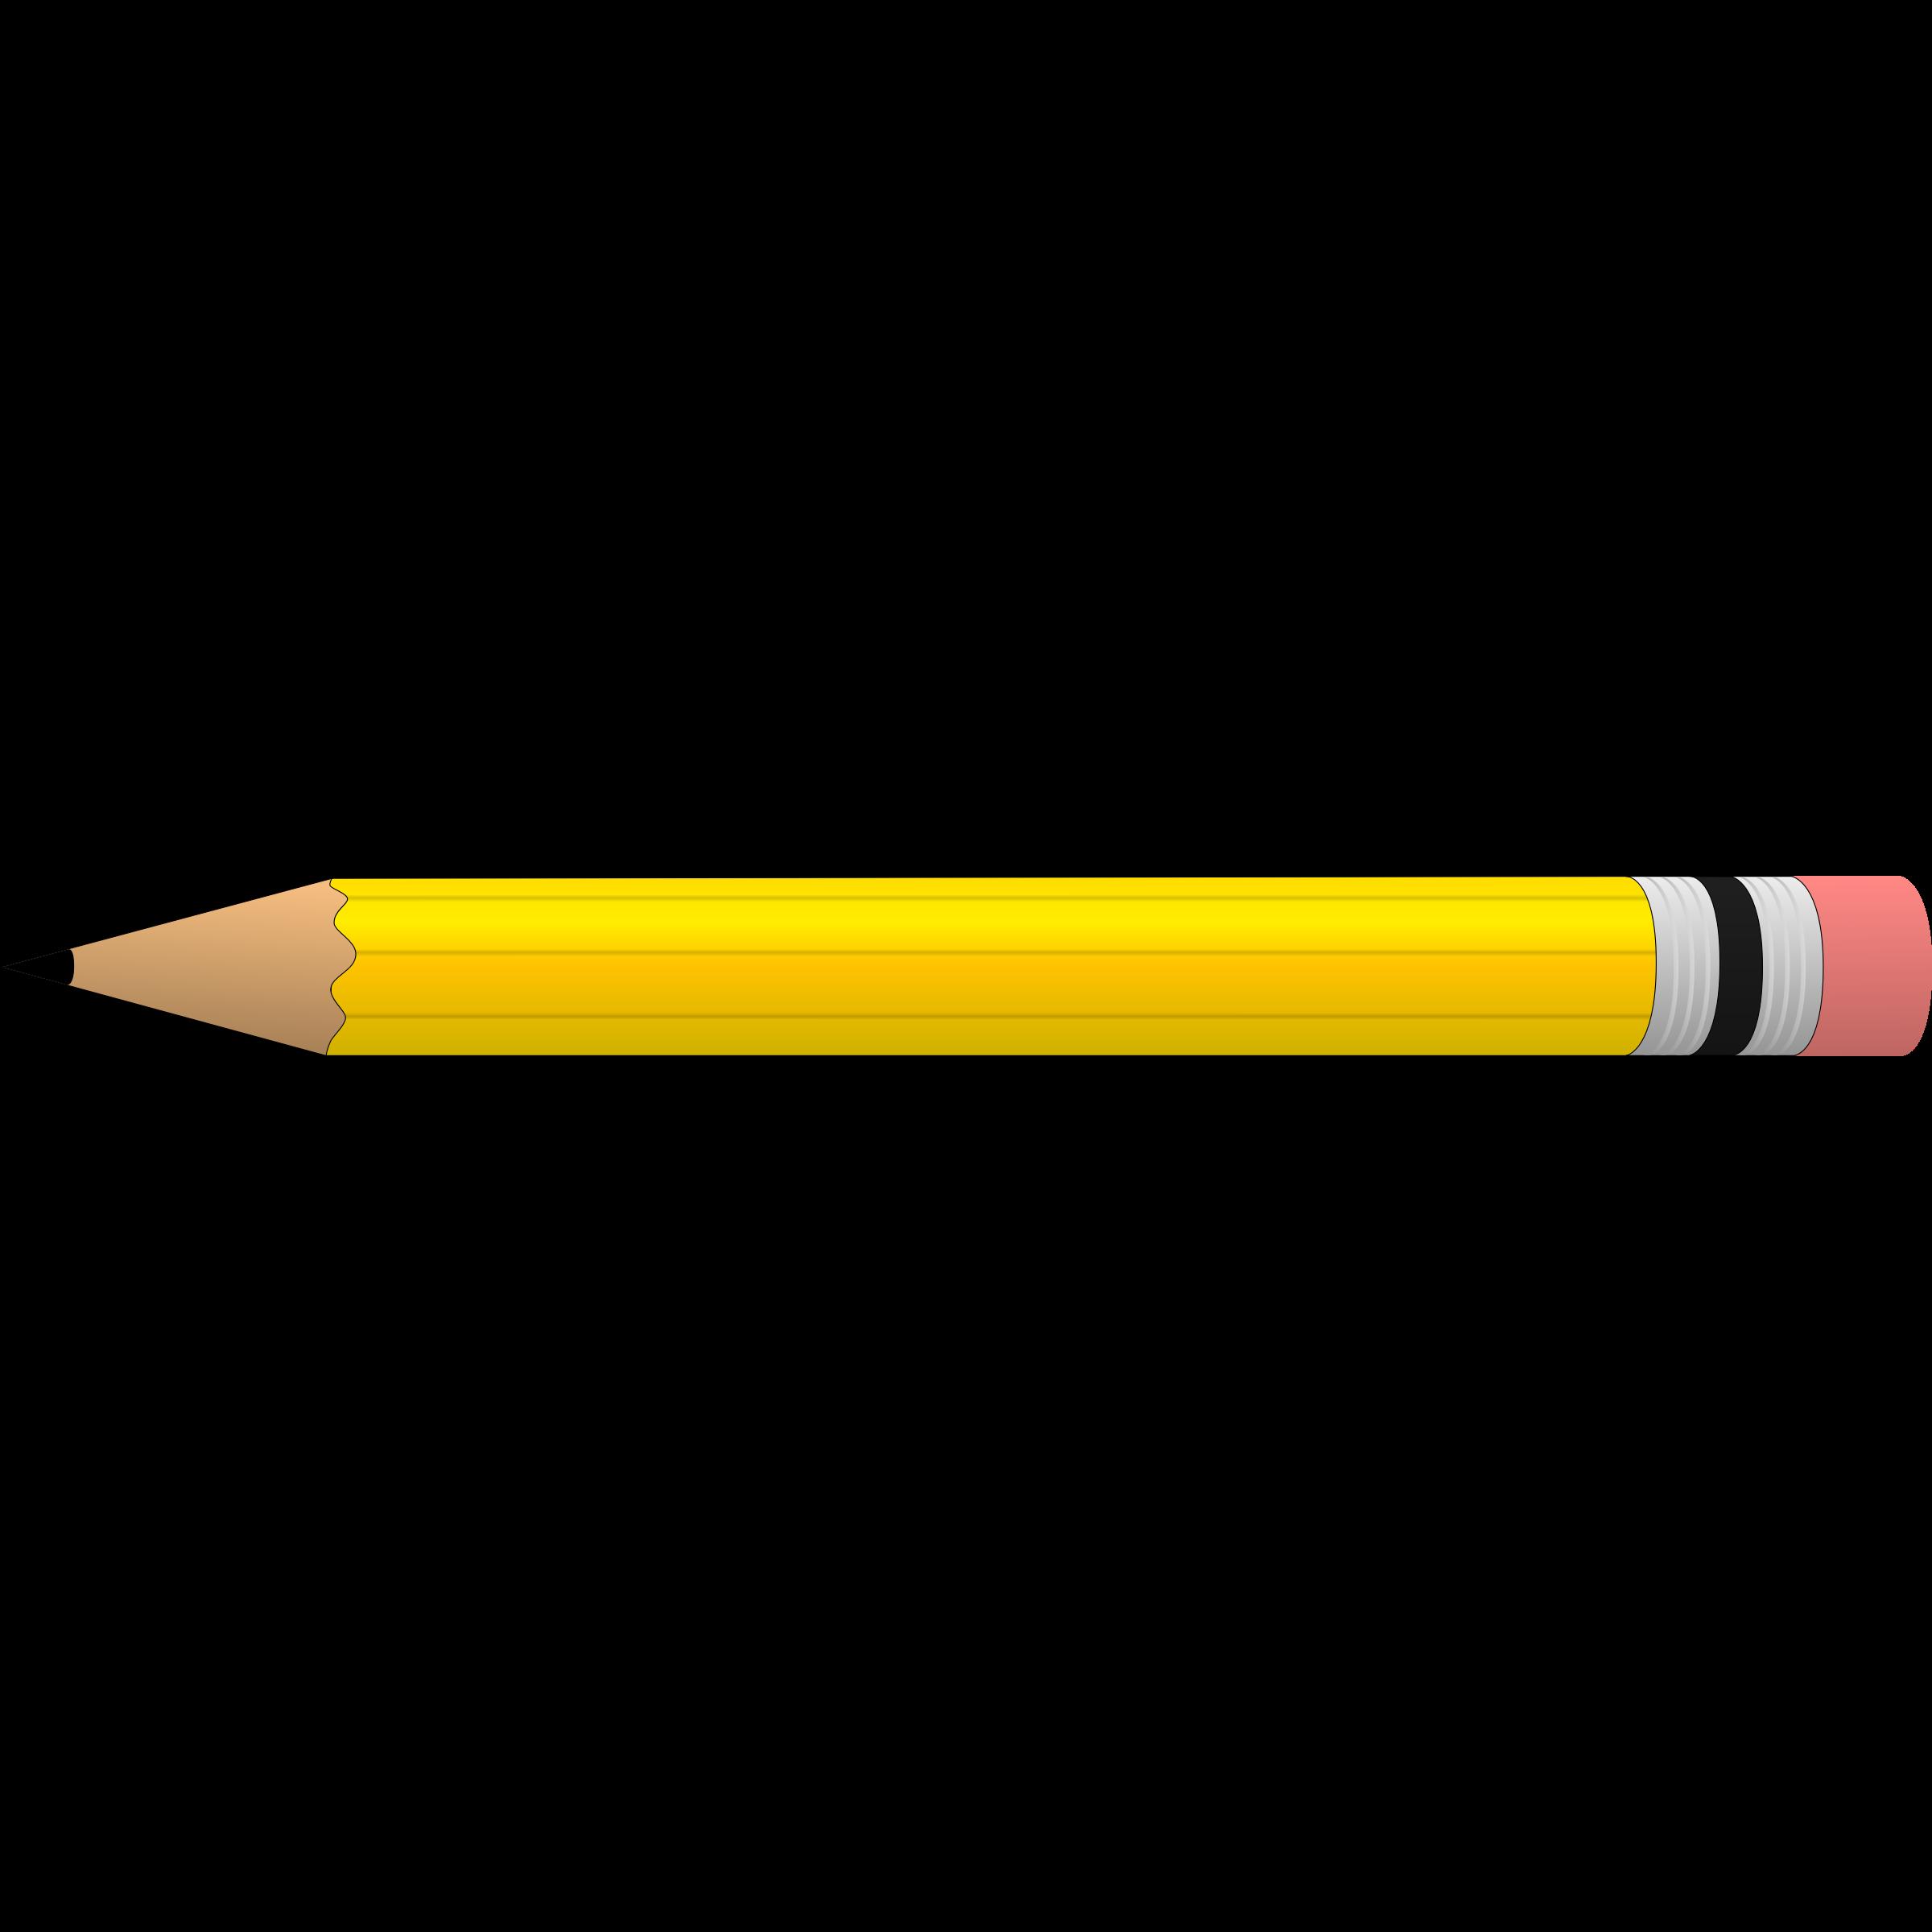 Pencil Free content Clip art.